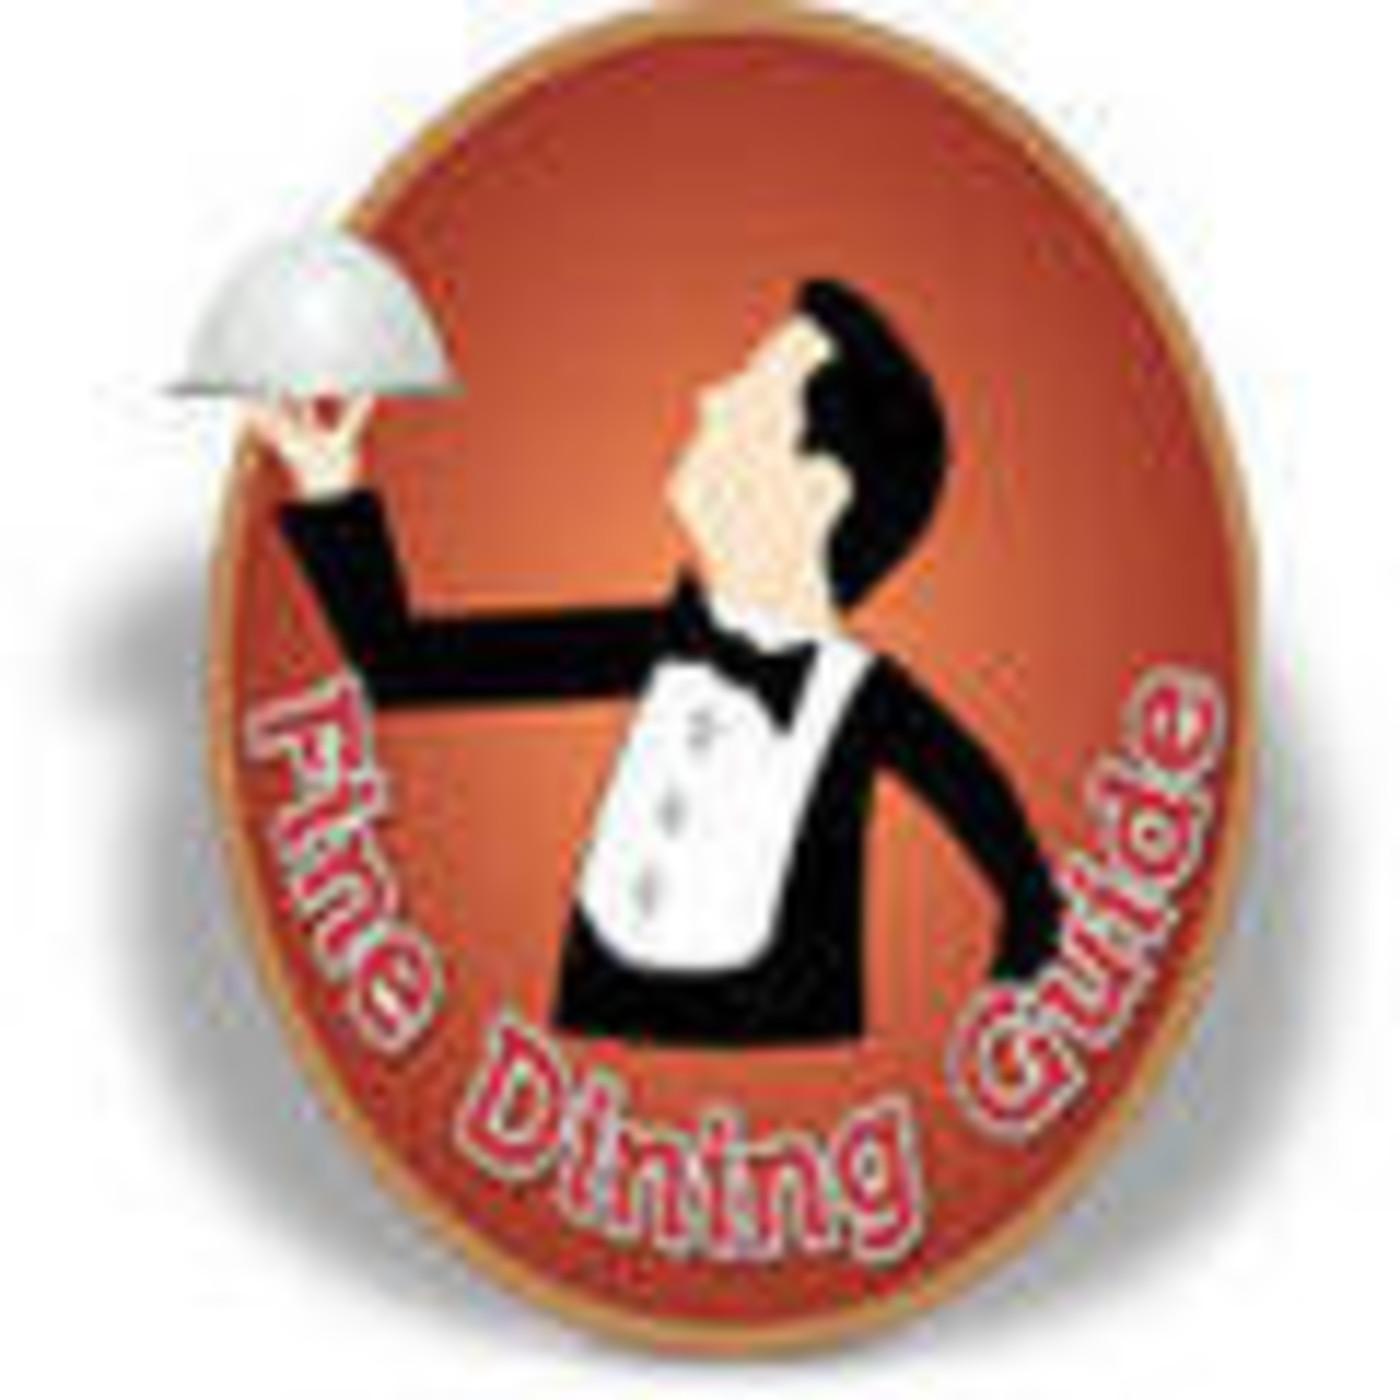 www.finediningguide.co.uk